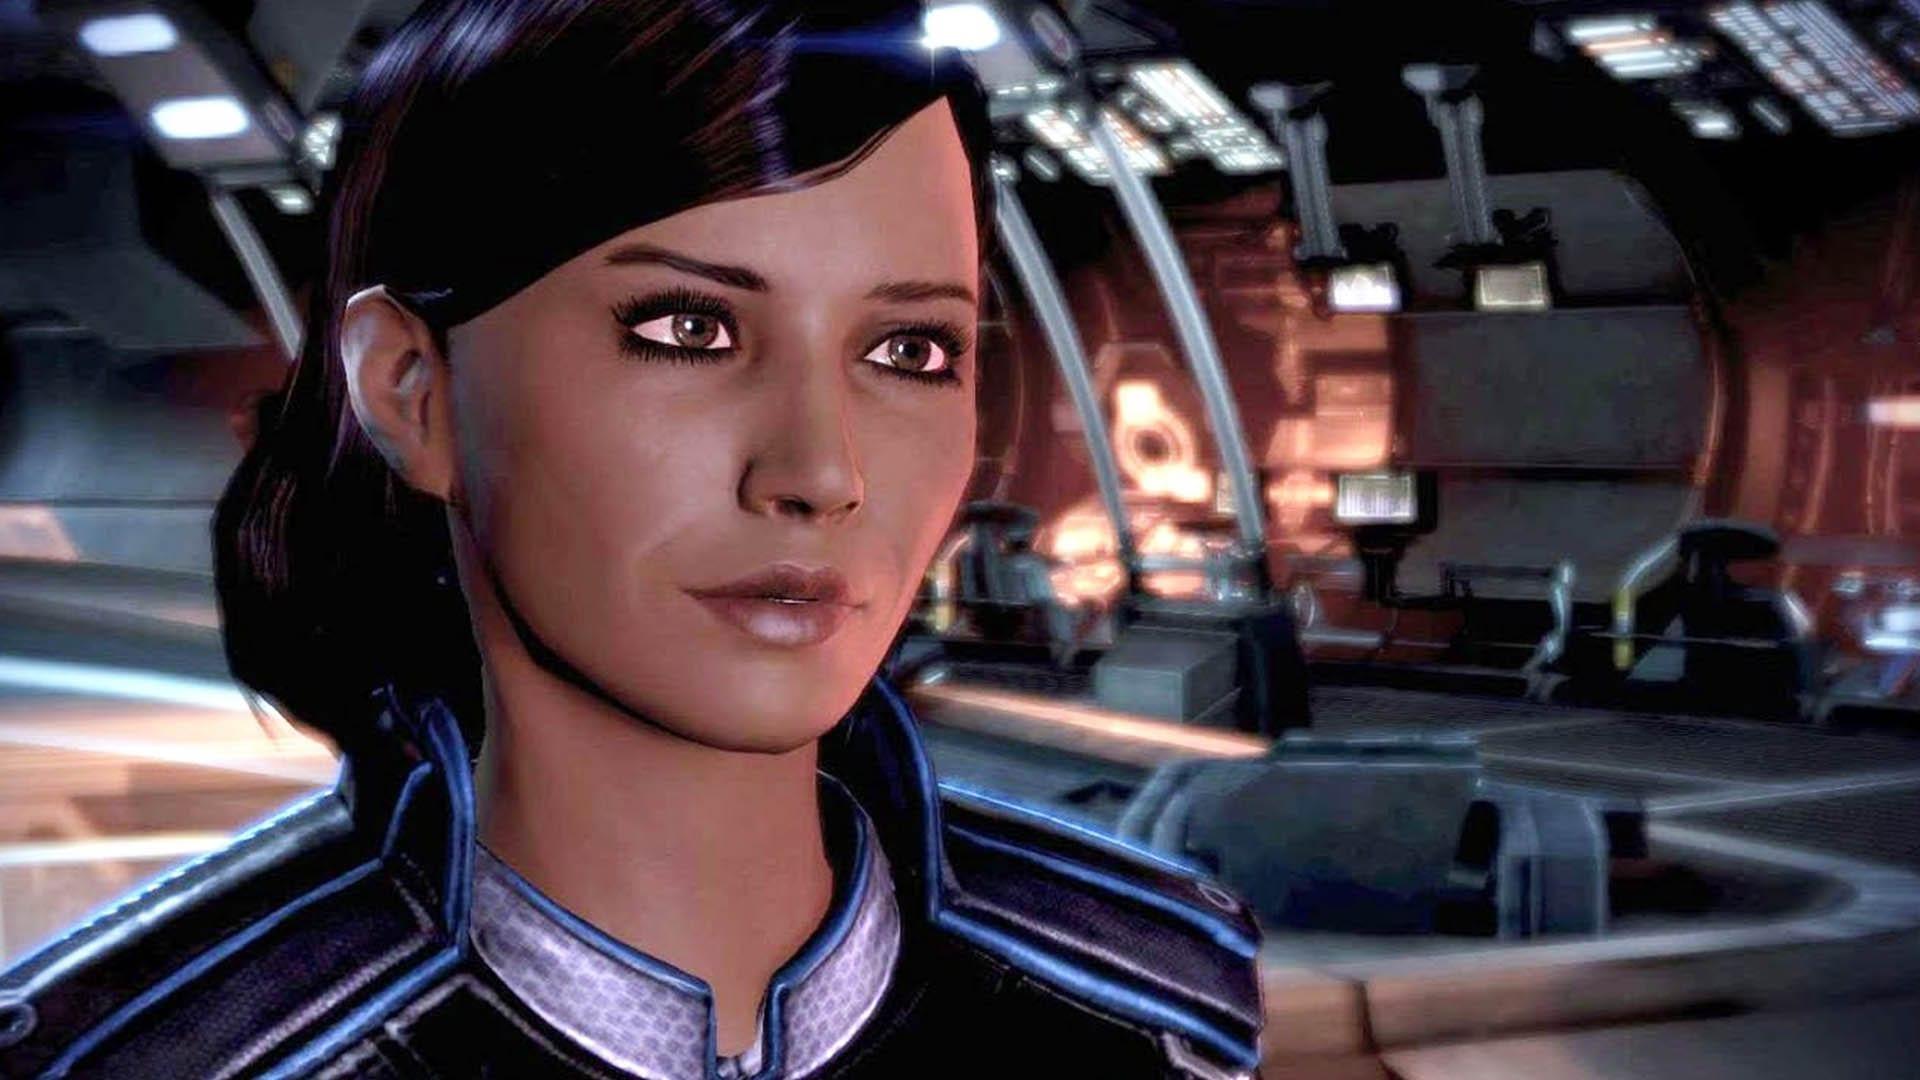 Romanzen Mass Effect 3 - Samantha